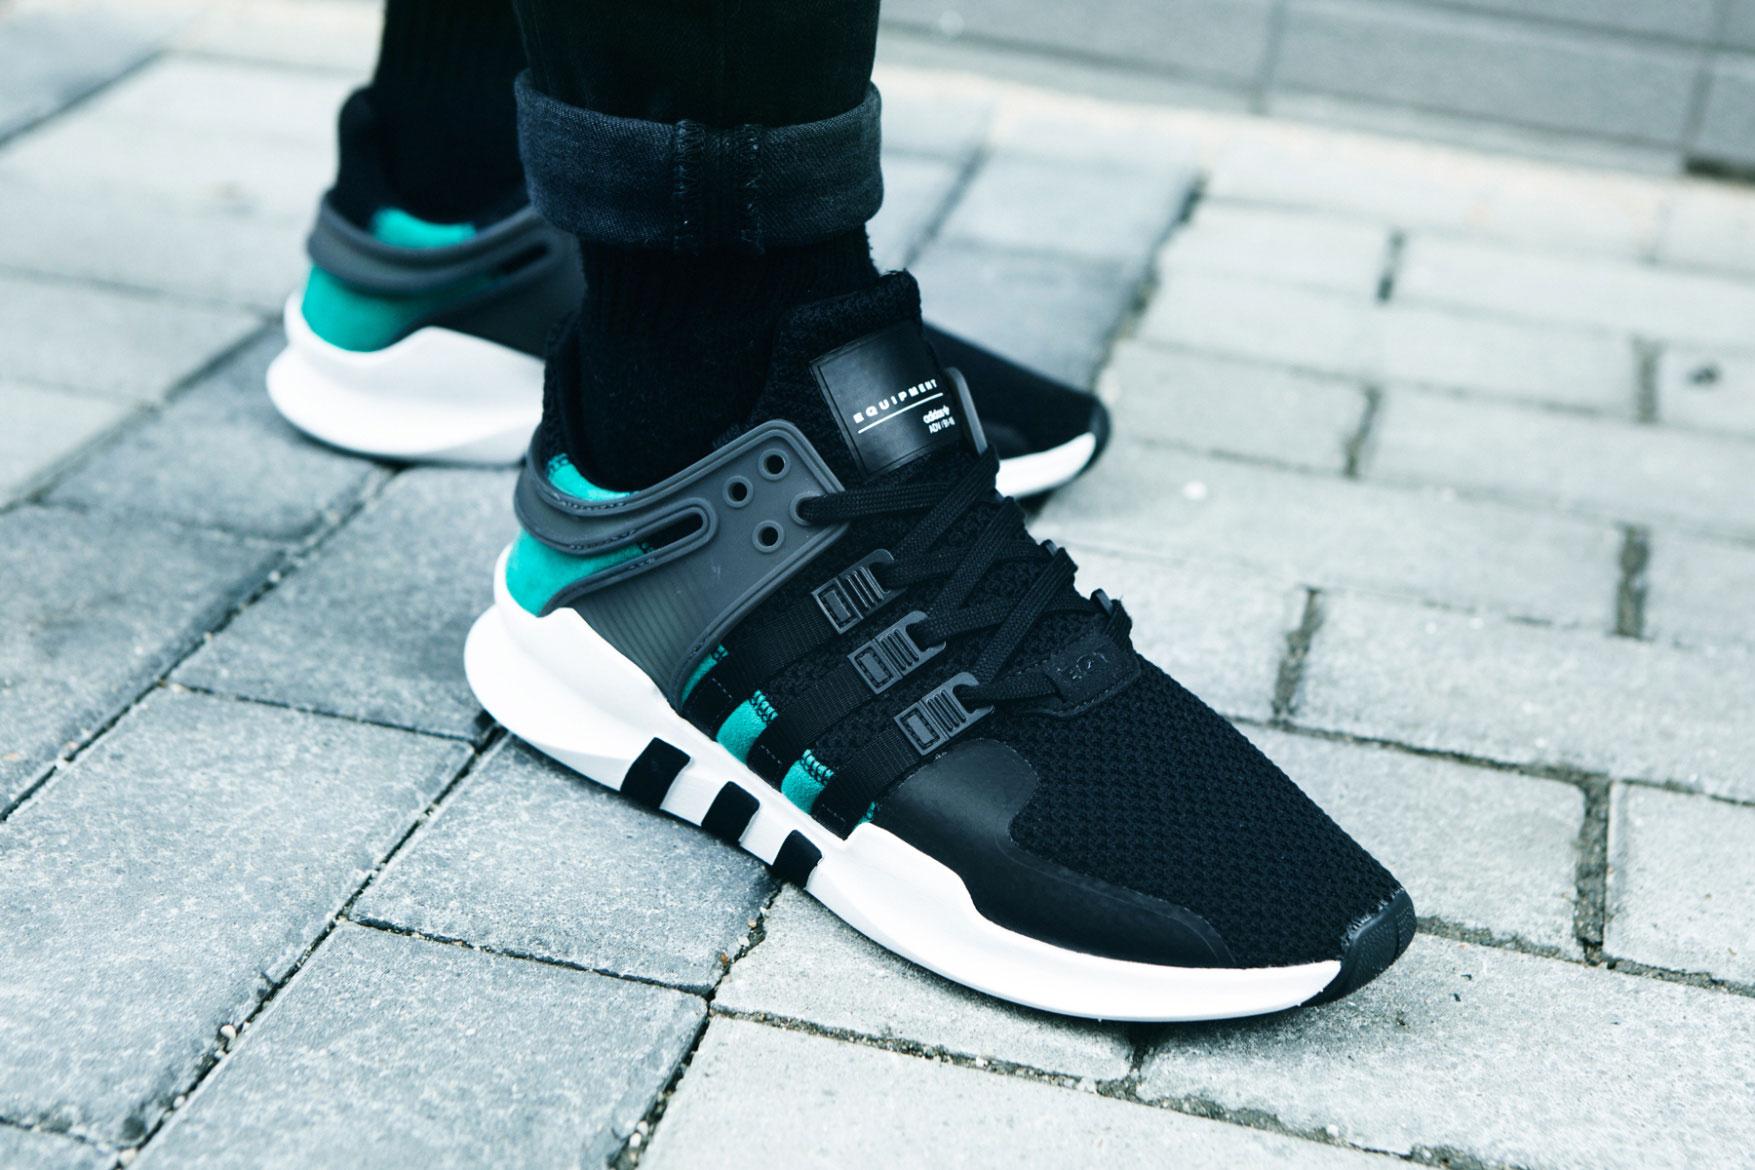 new product bb584 90a05 ... per uk 5a989 1f204 good adidas originals eqt support adv sub green  059f8 1f095